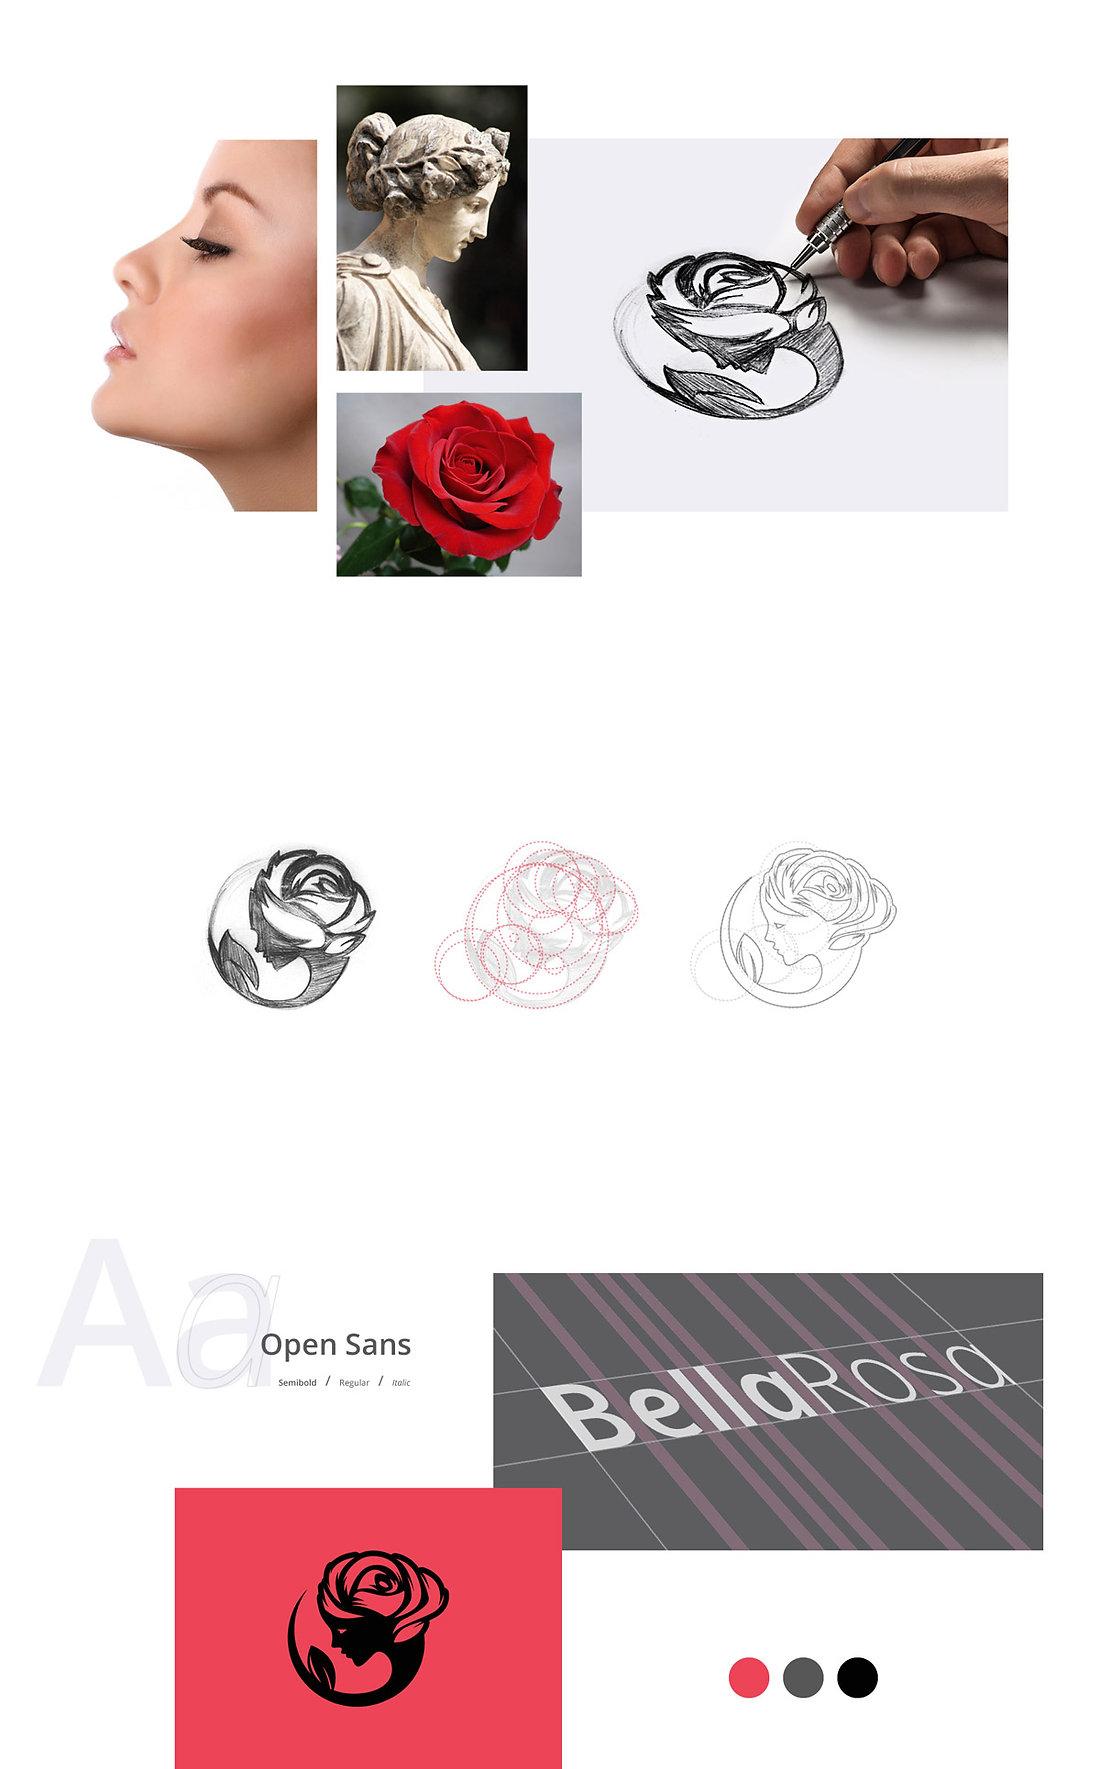 Bella Rosa desenho da marca